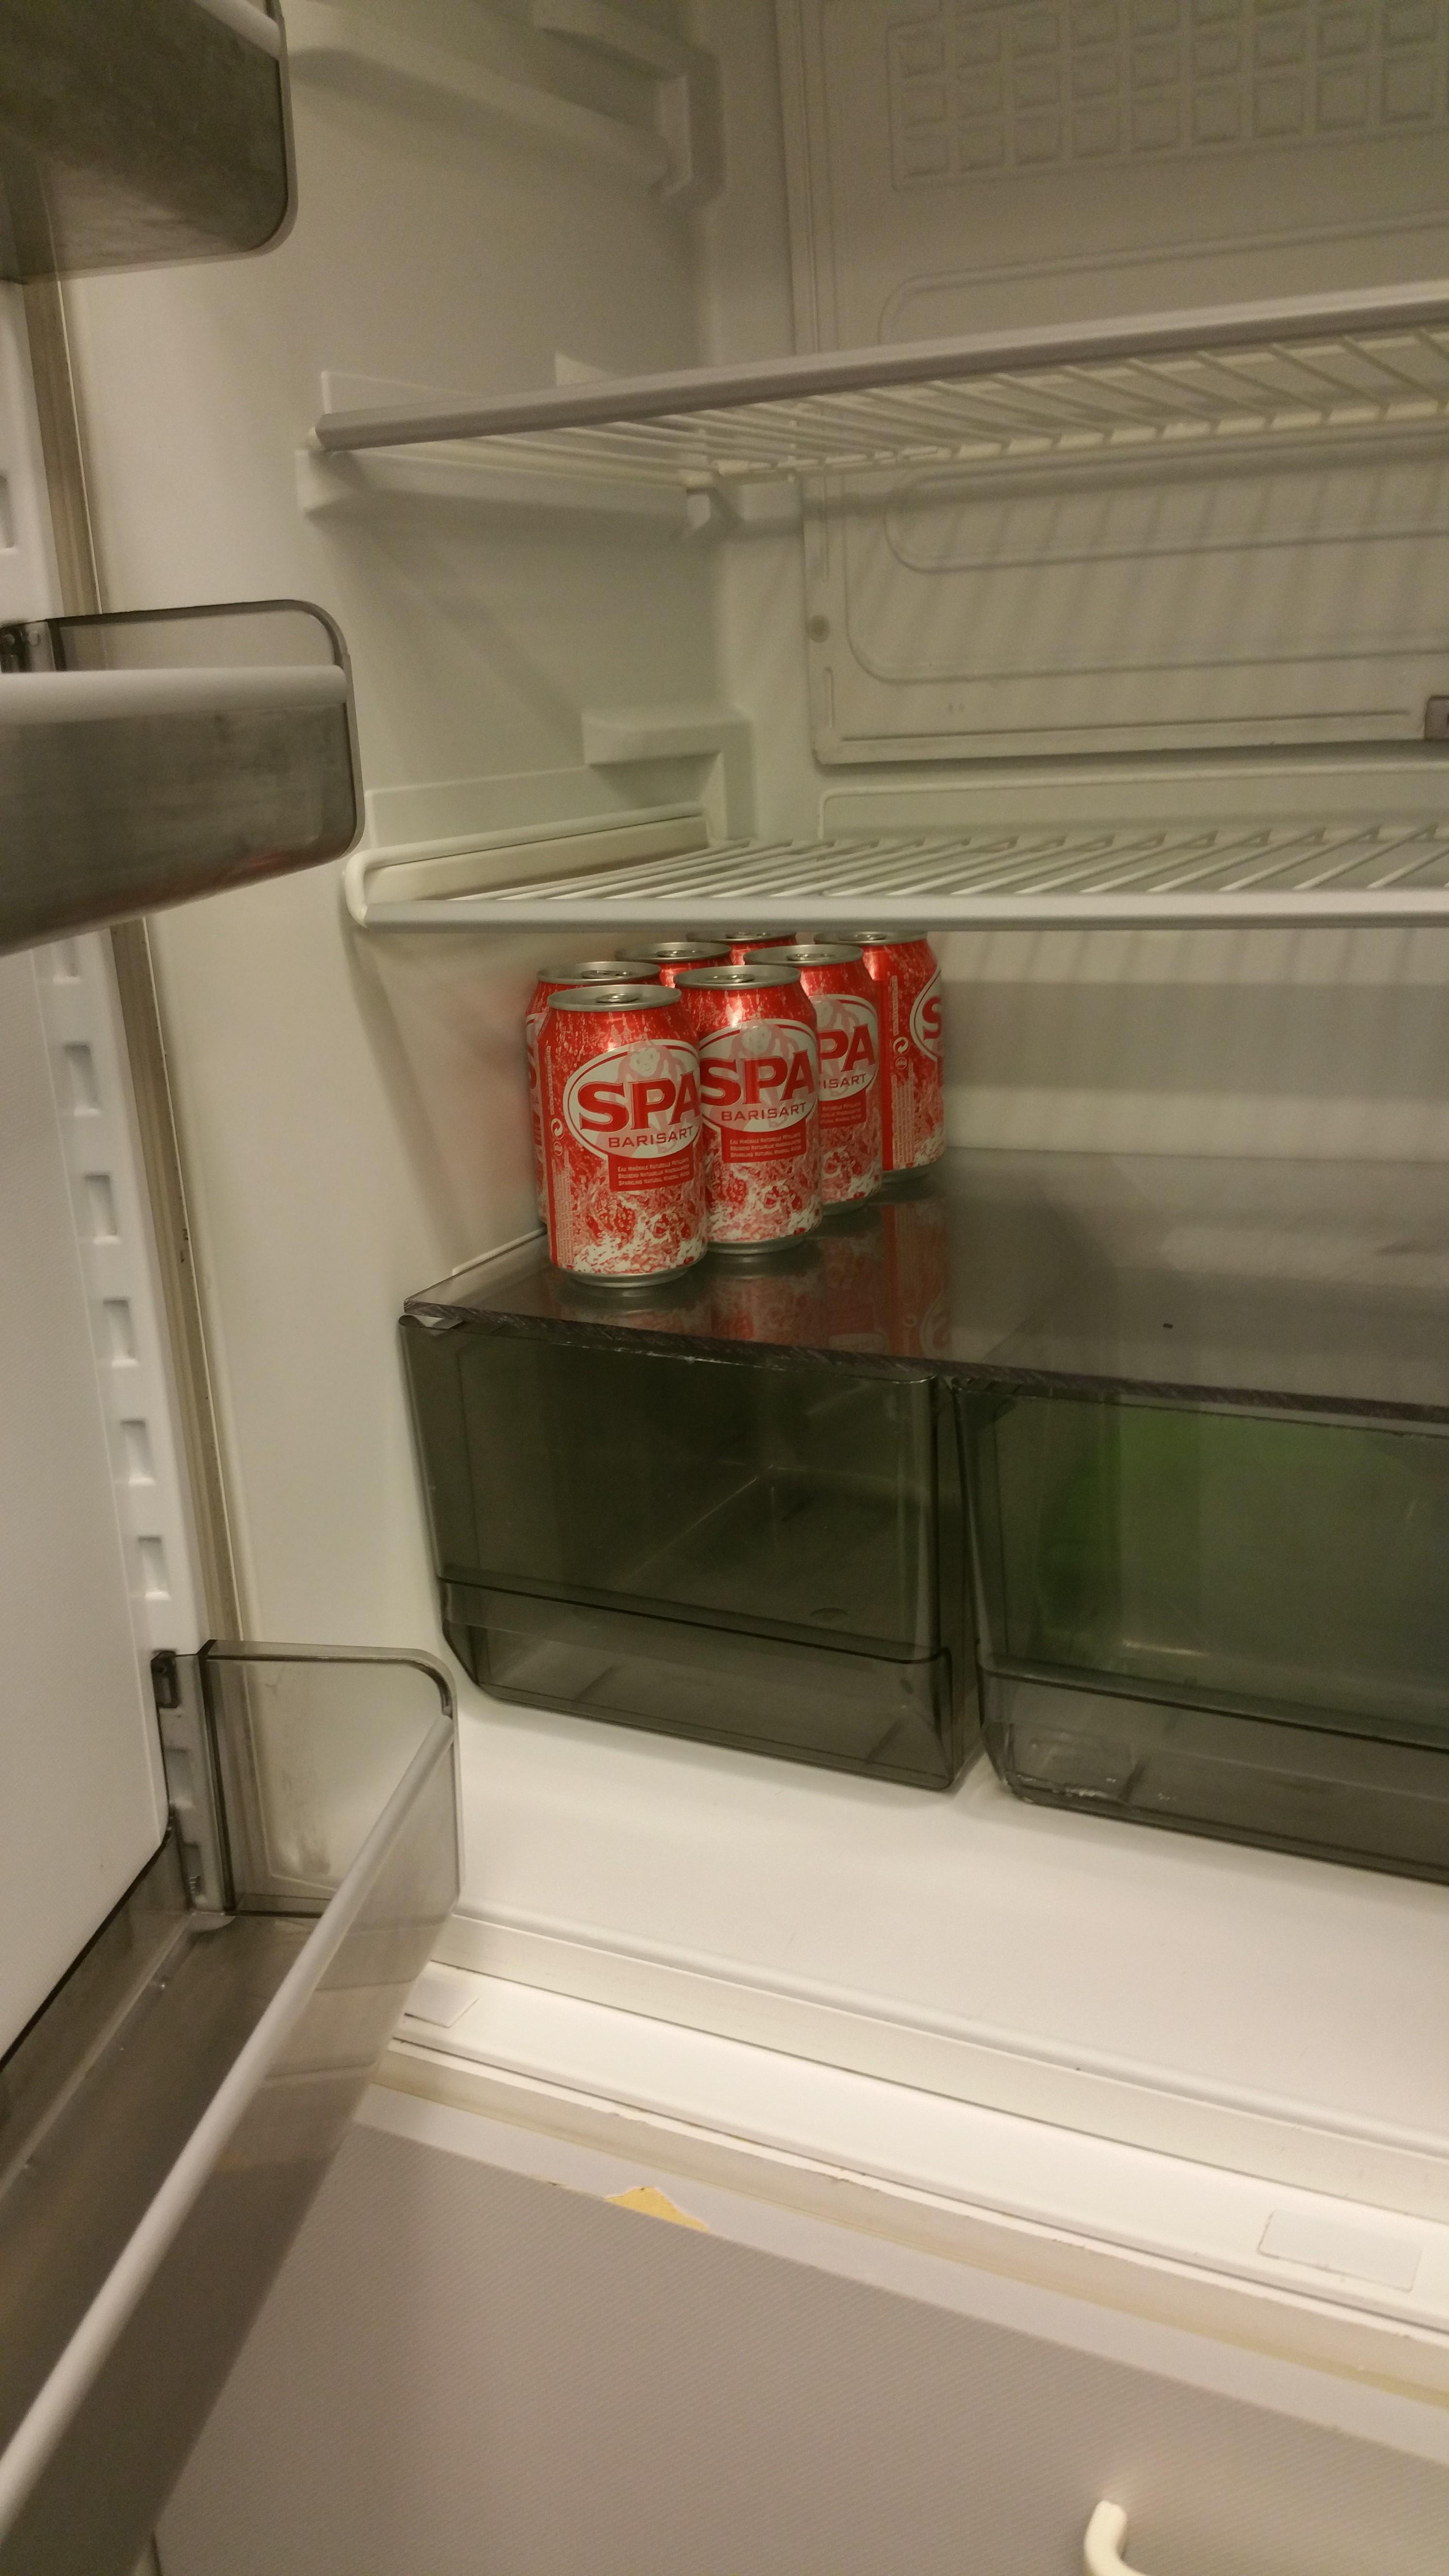 unive koelkast schoon